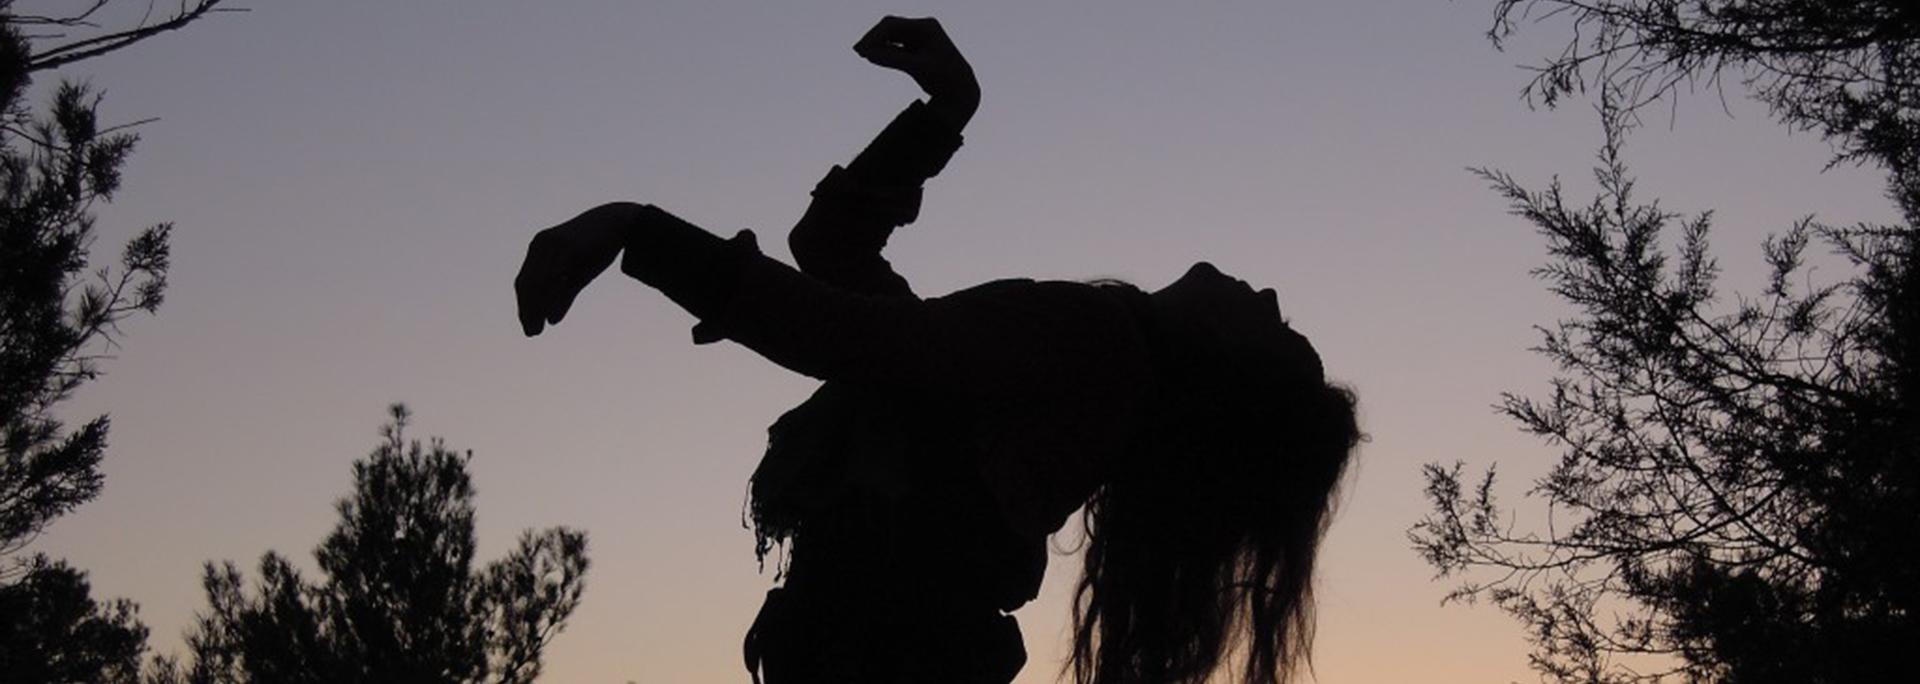 Danse intuitive